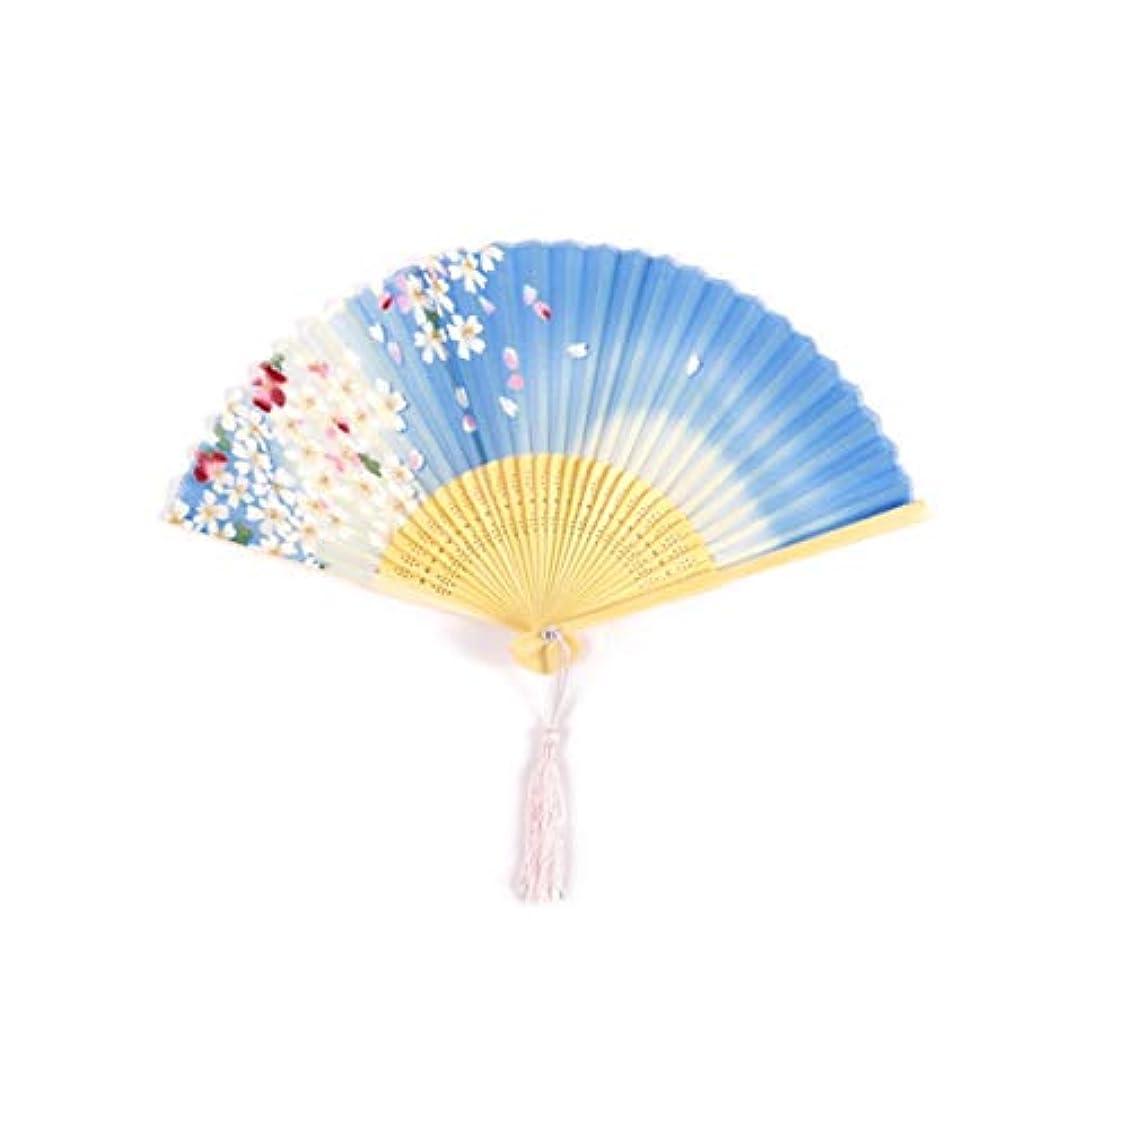 ヒューバートハドソン先のことを考えるから聞くKATH 扇子、中国のスタイルギフト扇子